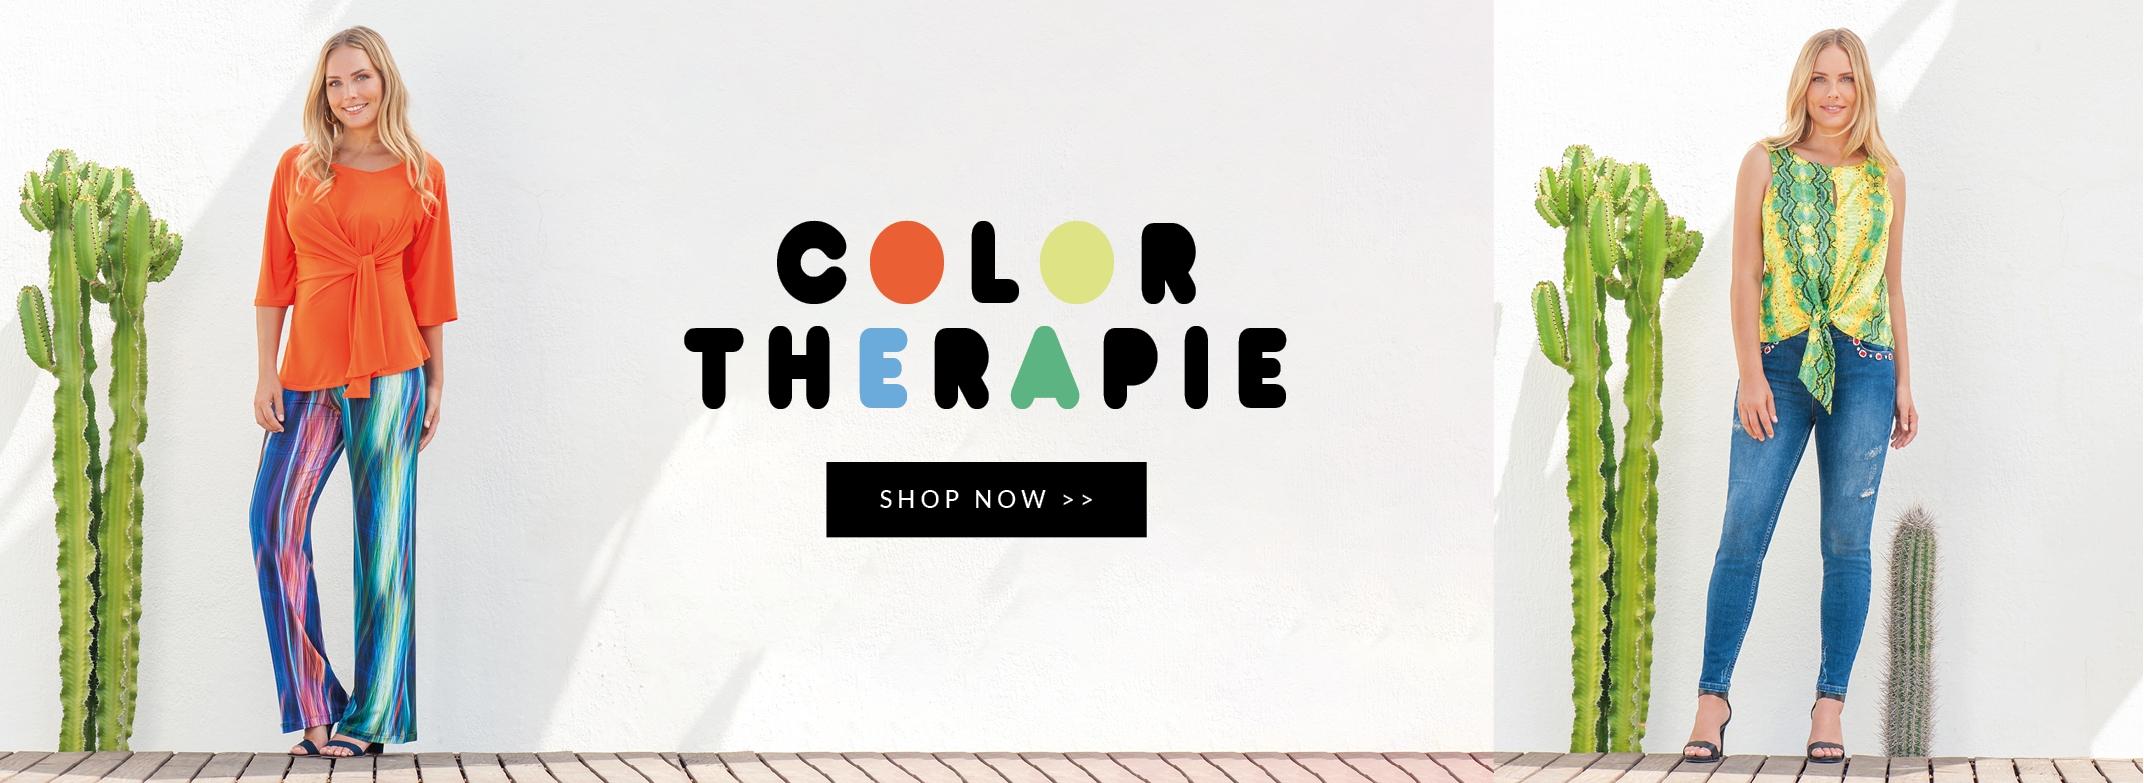 Faites l plei de couleurs avec les nouveautés BLEU D'AZUR !